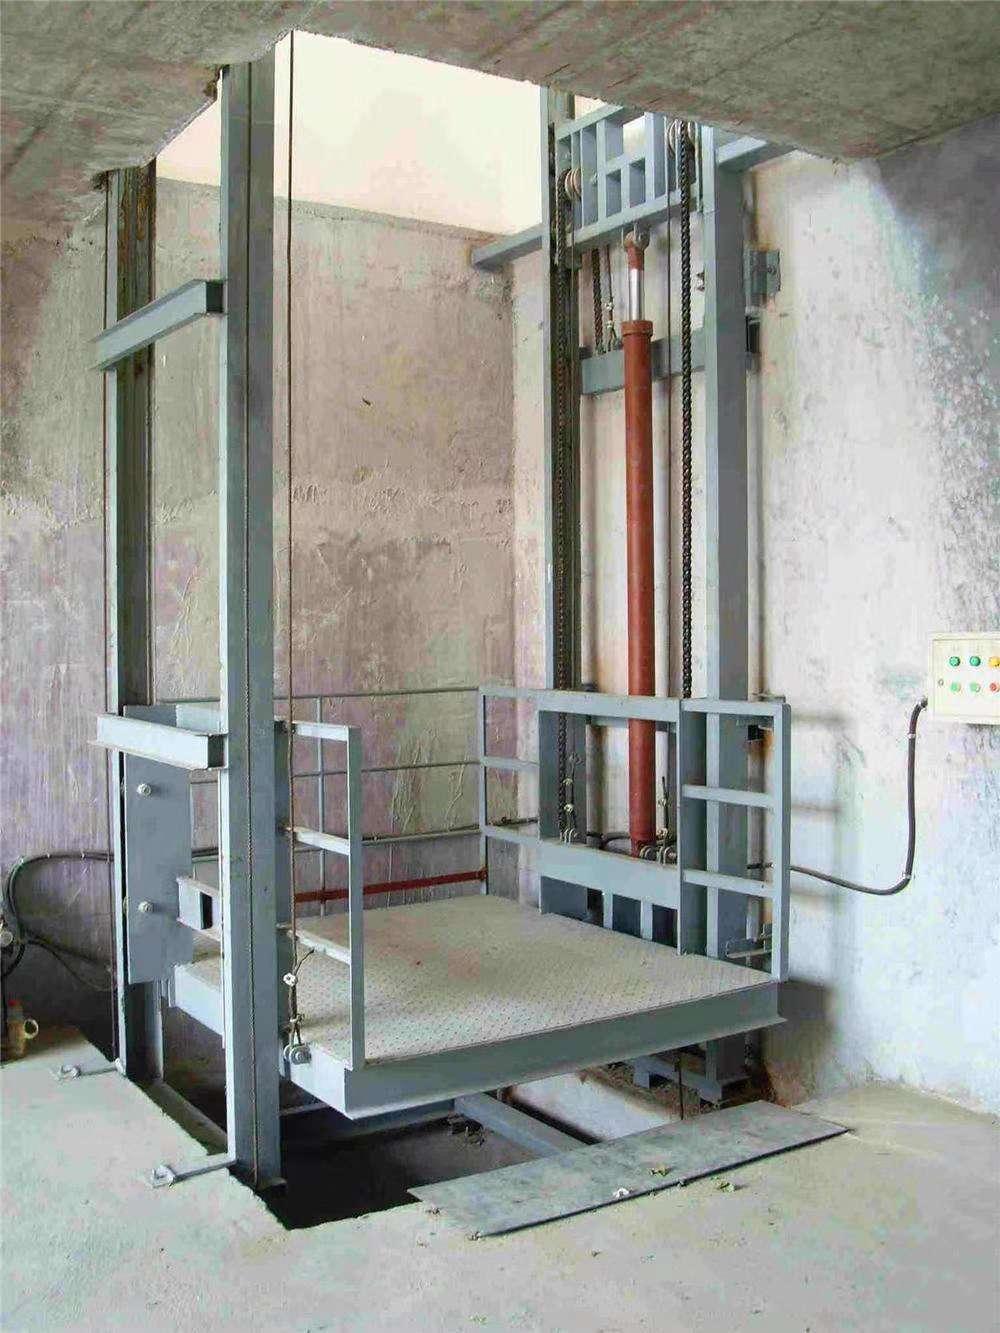 喀什液压升降平台|买好的传菜电梯当然是到乌鲁木齐鸿丰瑞达了